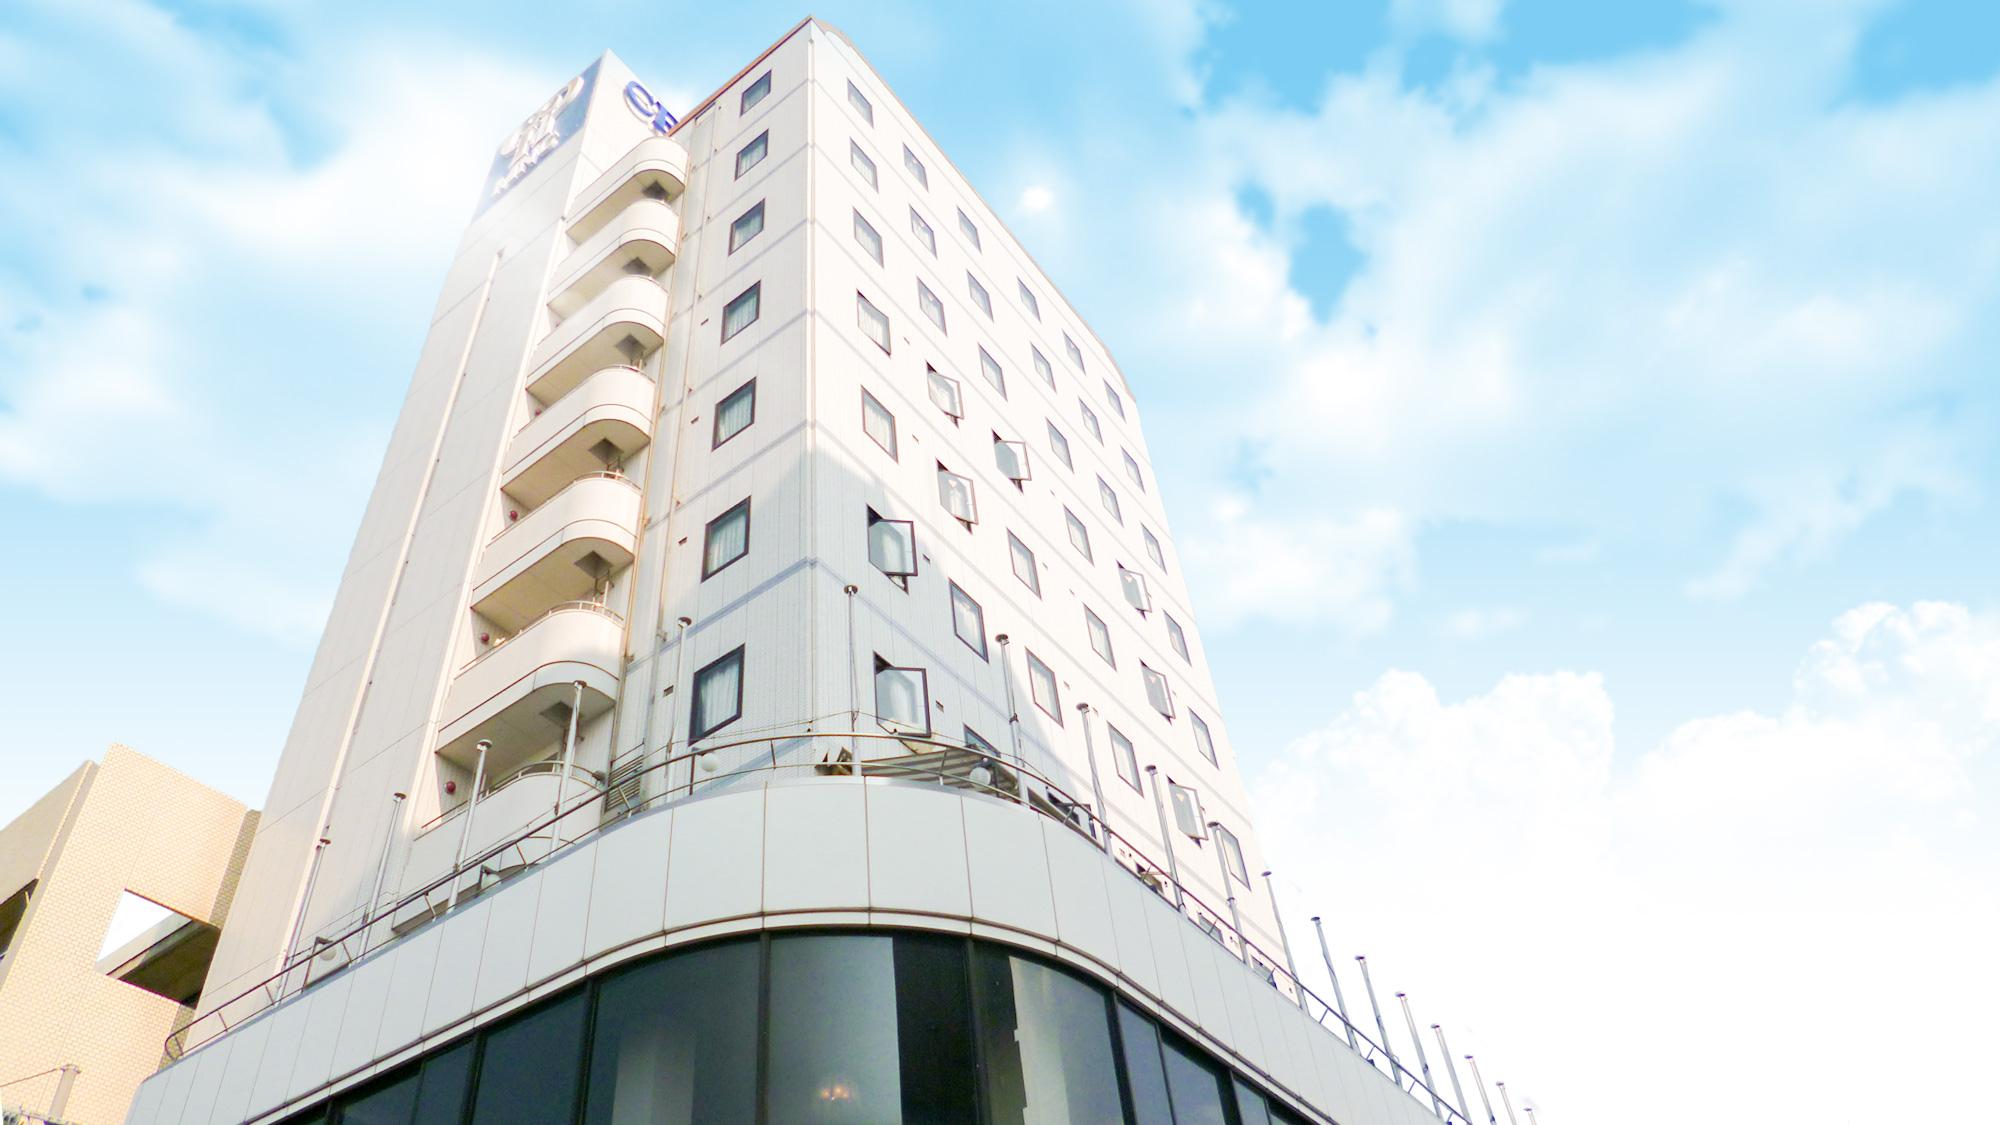 センターホテル三原(BBHホテルグループ) の写真